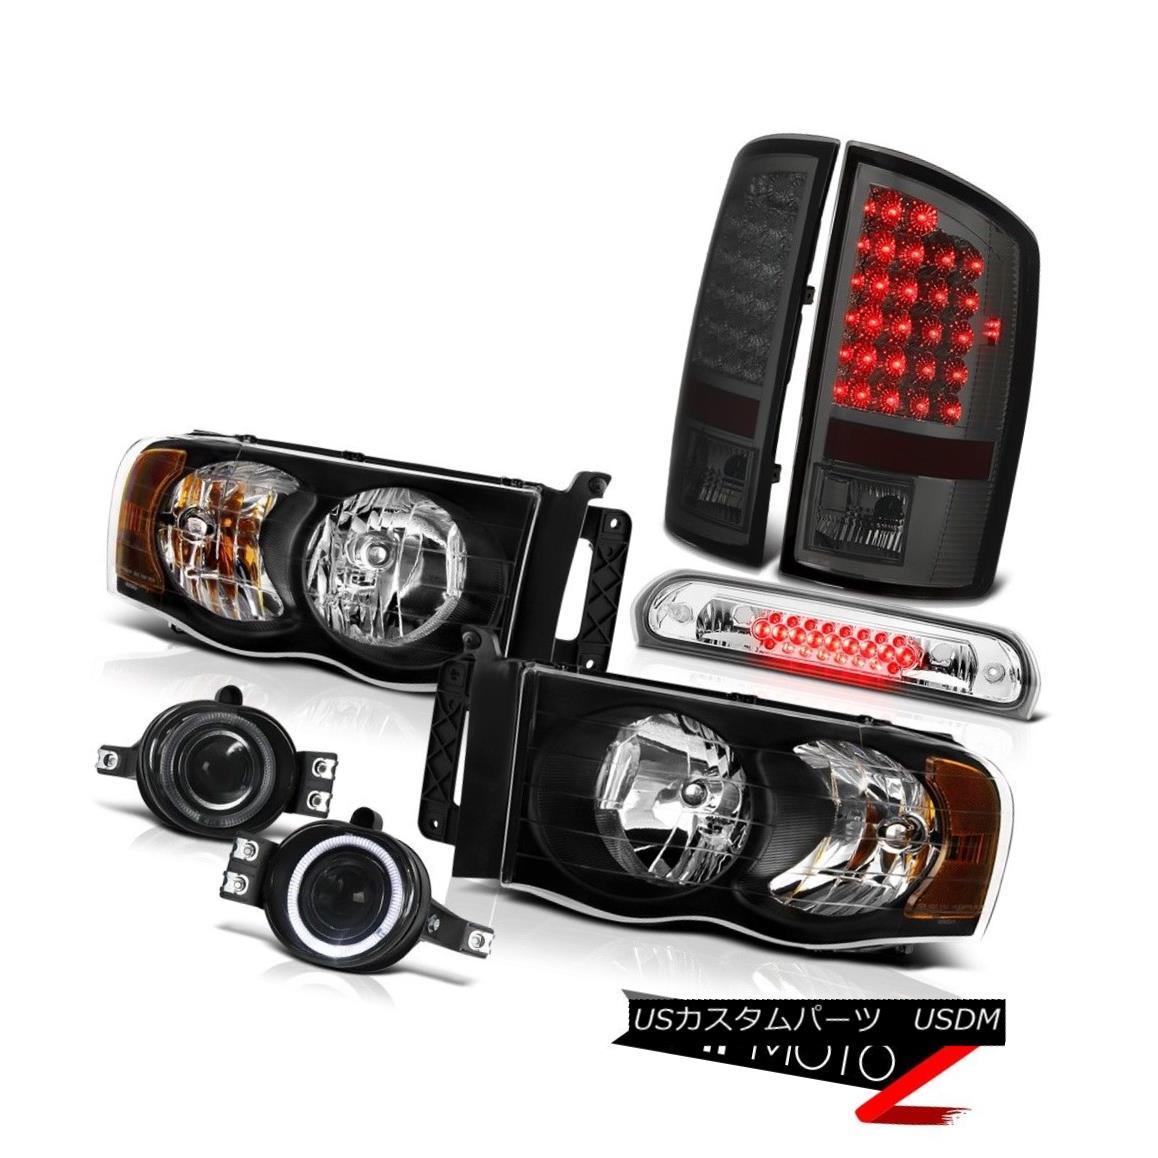 ヘッドライト 02-05 Ram SLT Black Headlights Smoke LED Tail Lights Bumper Fog Roof Brake Cargo 02-05 Ram SLTブラックヘッドライトスモークLEDテールライトバンパーフォグ屋根ブレーキカーゴ